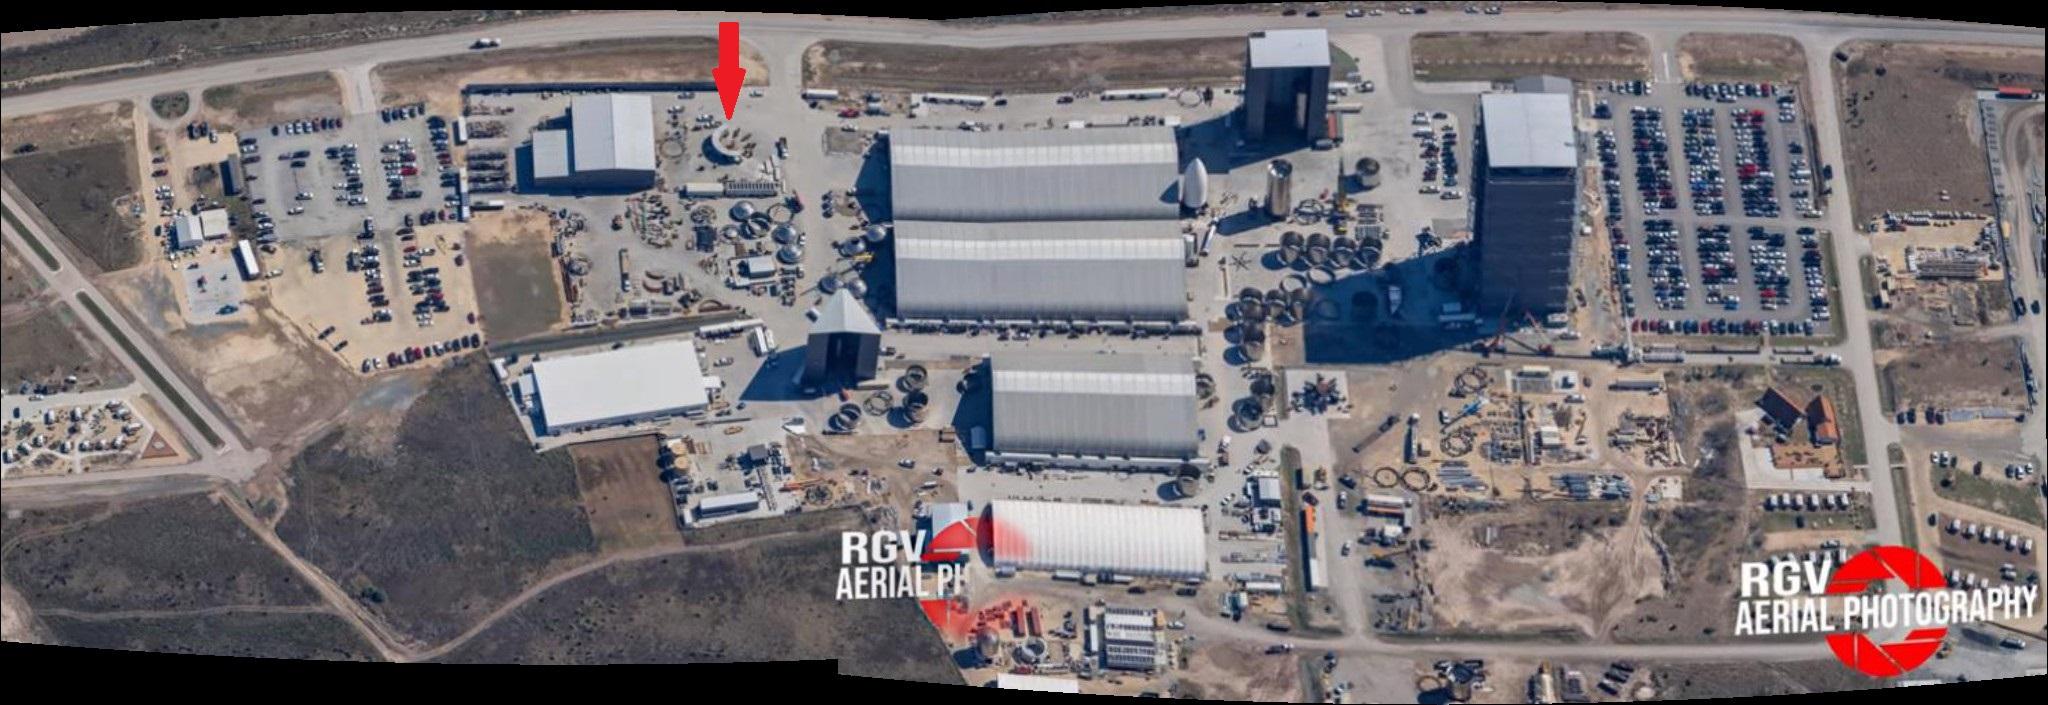 Site de lancement de Boca Chica au Texas - Page 24 Pano212